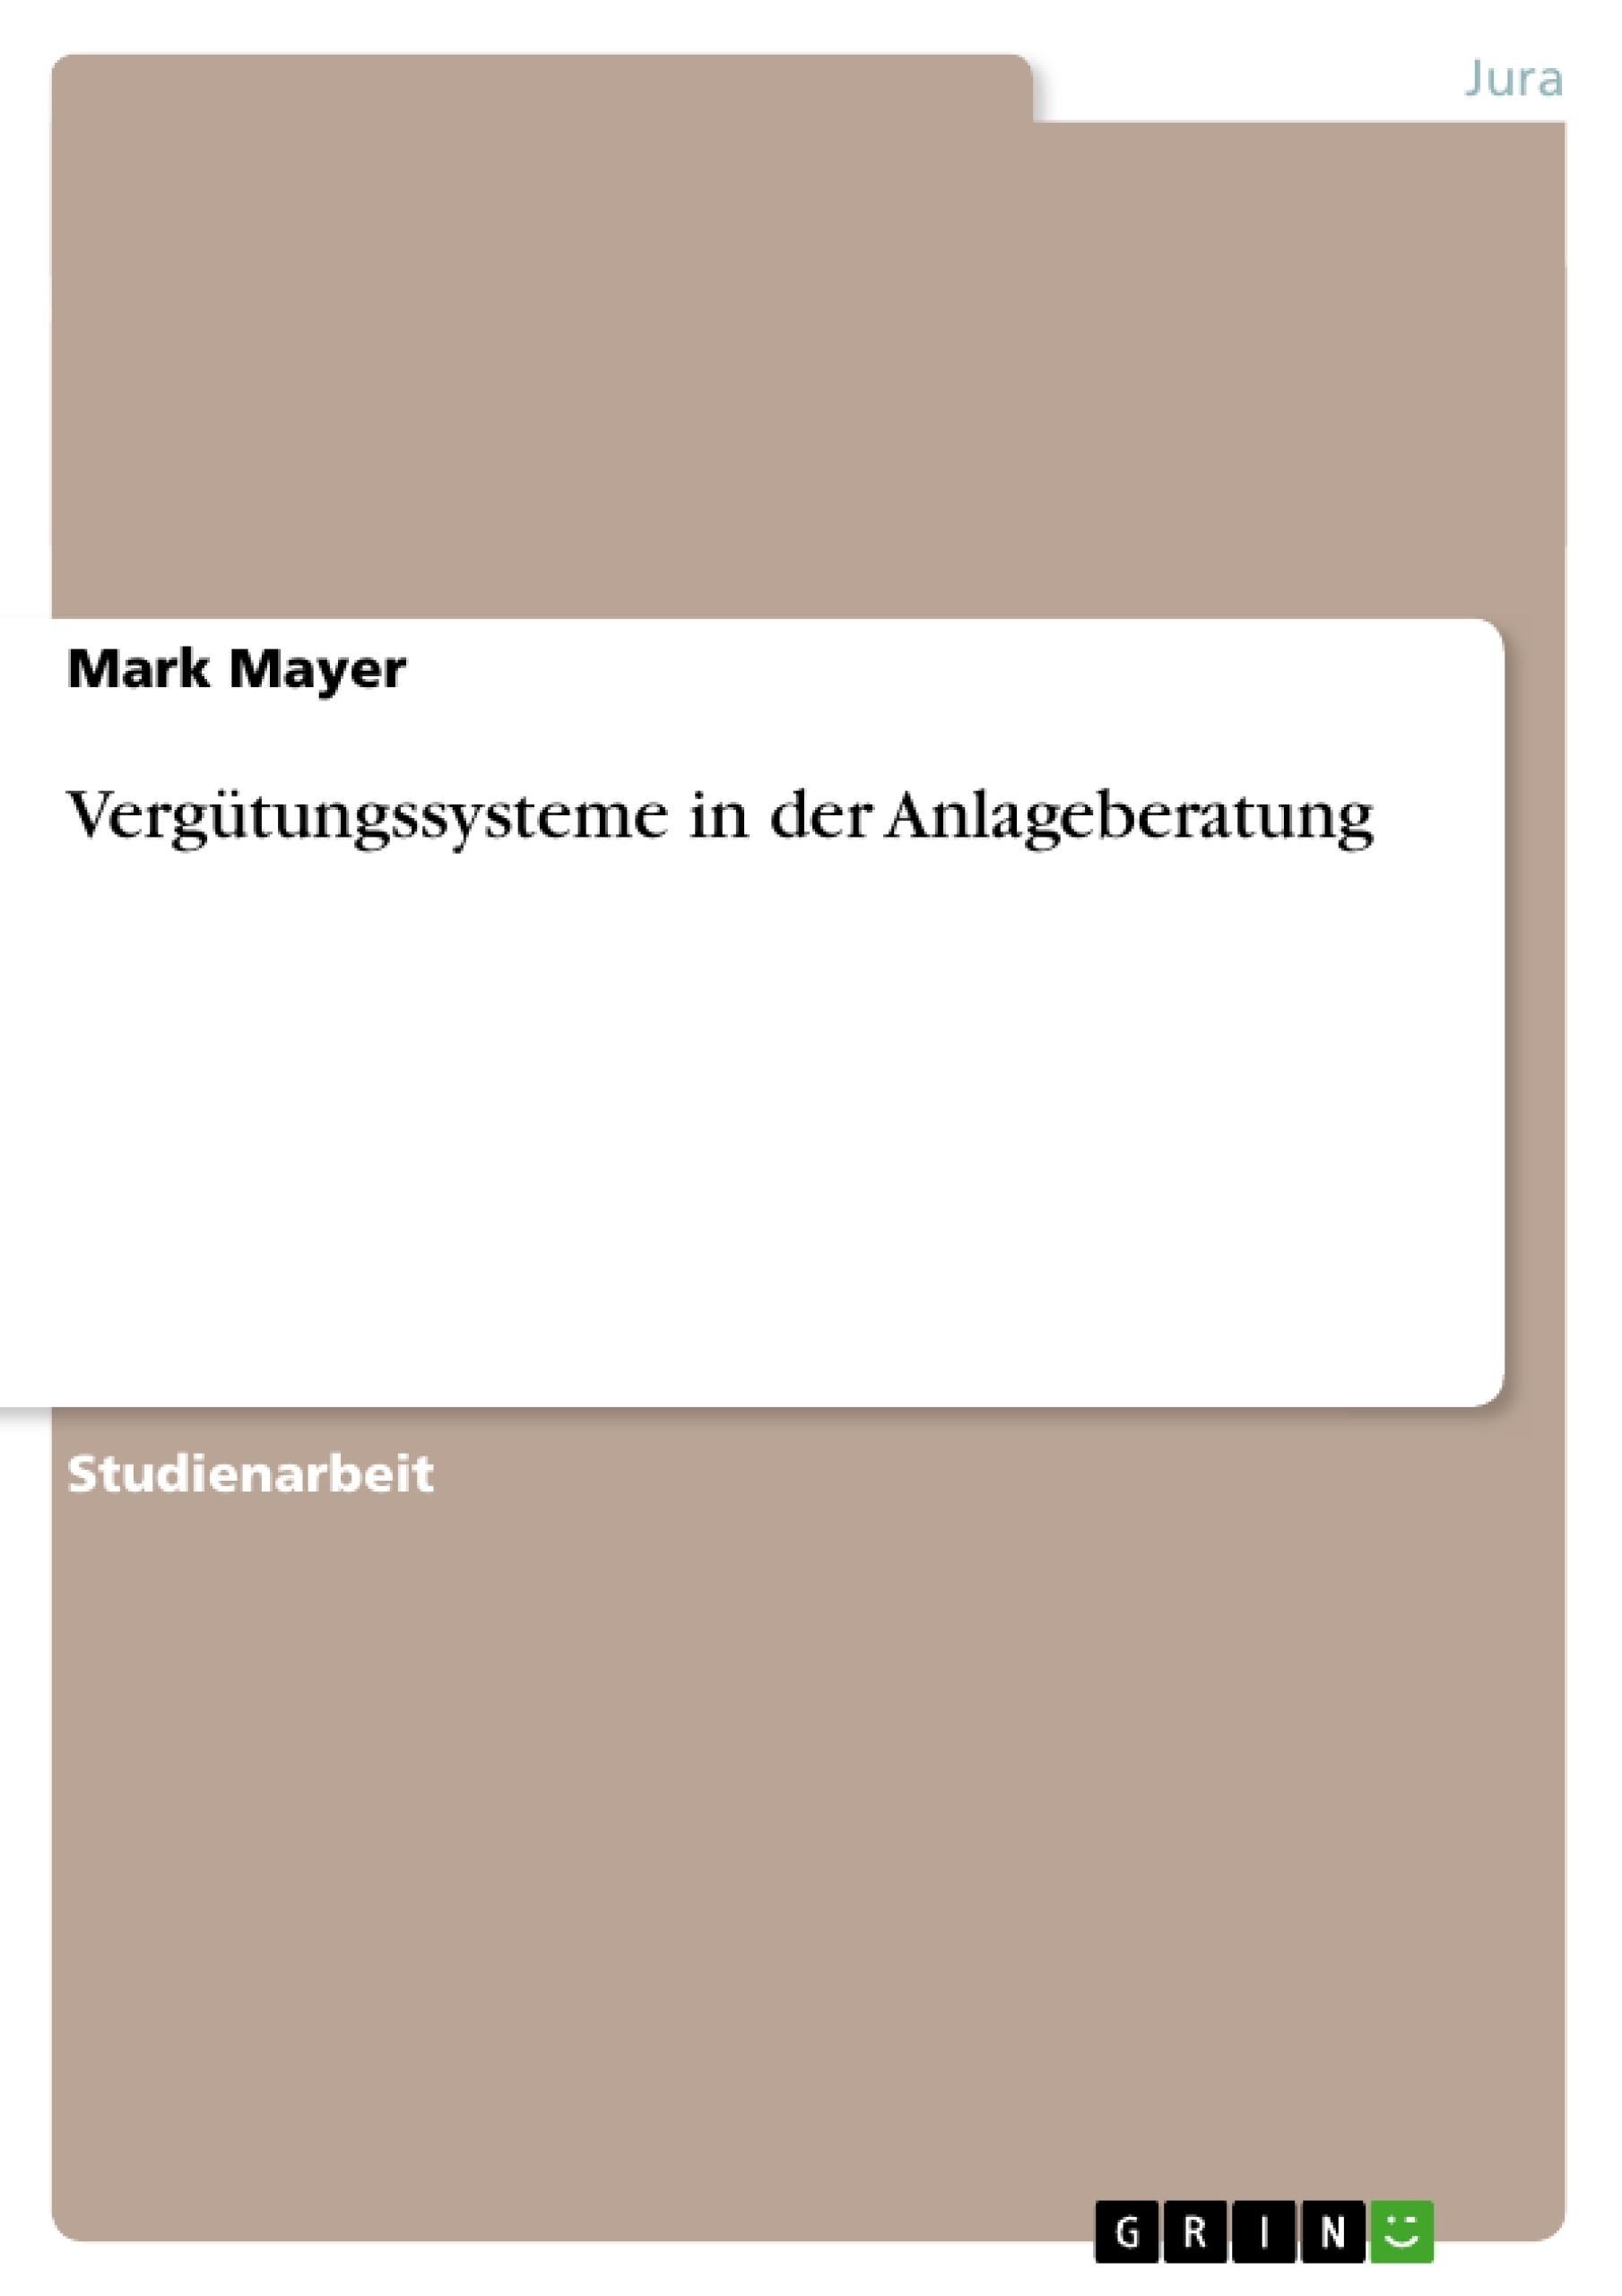 Titel: Vergütungssysteme in der Anlageberatung